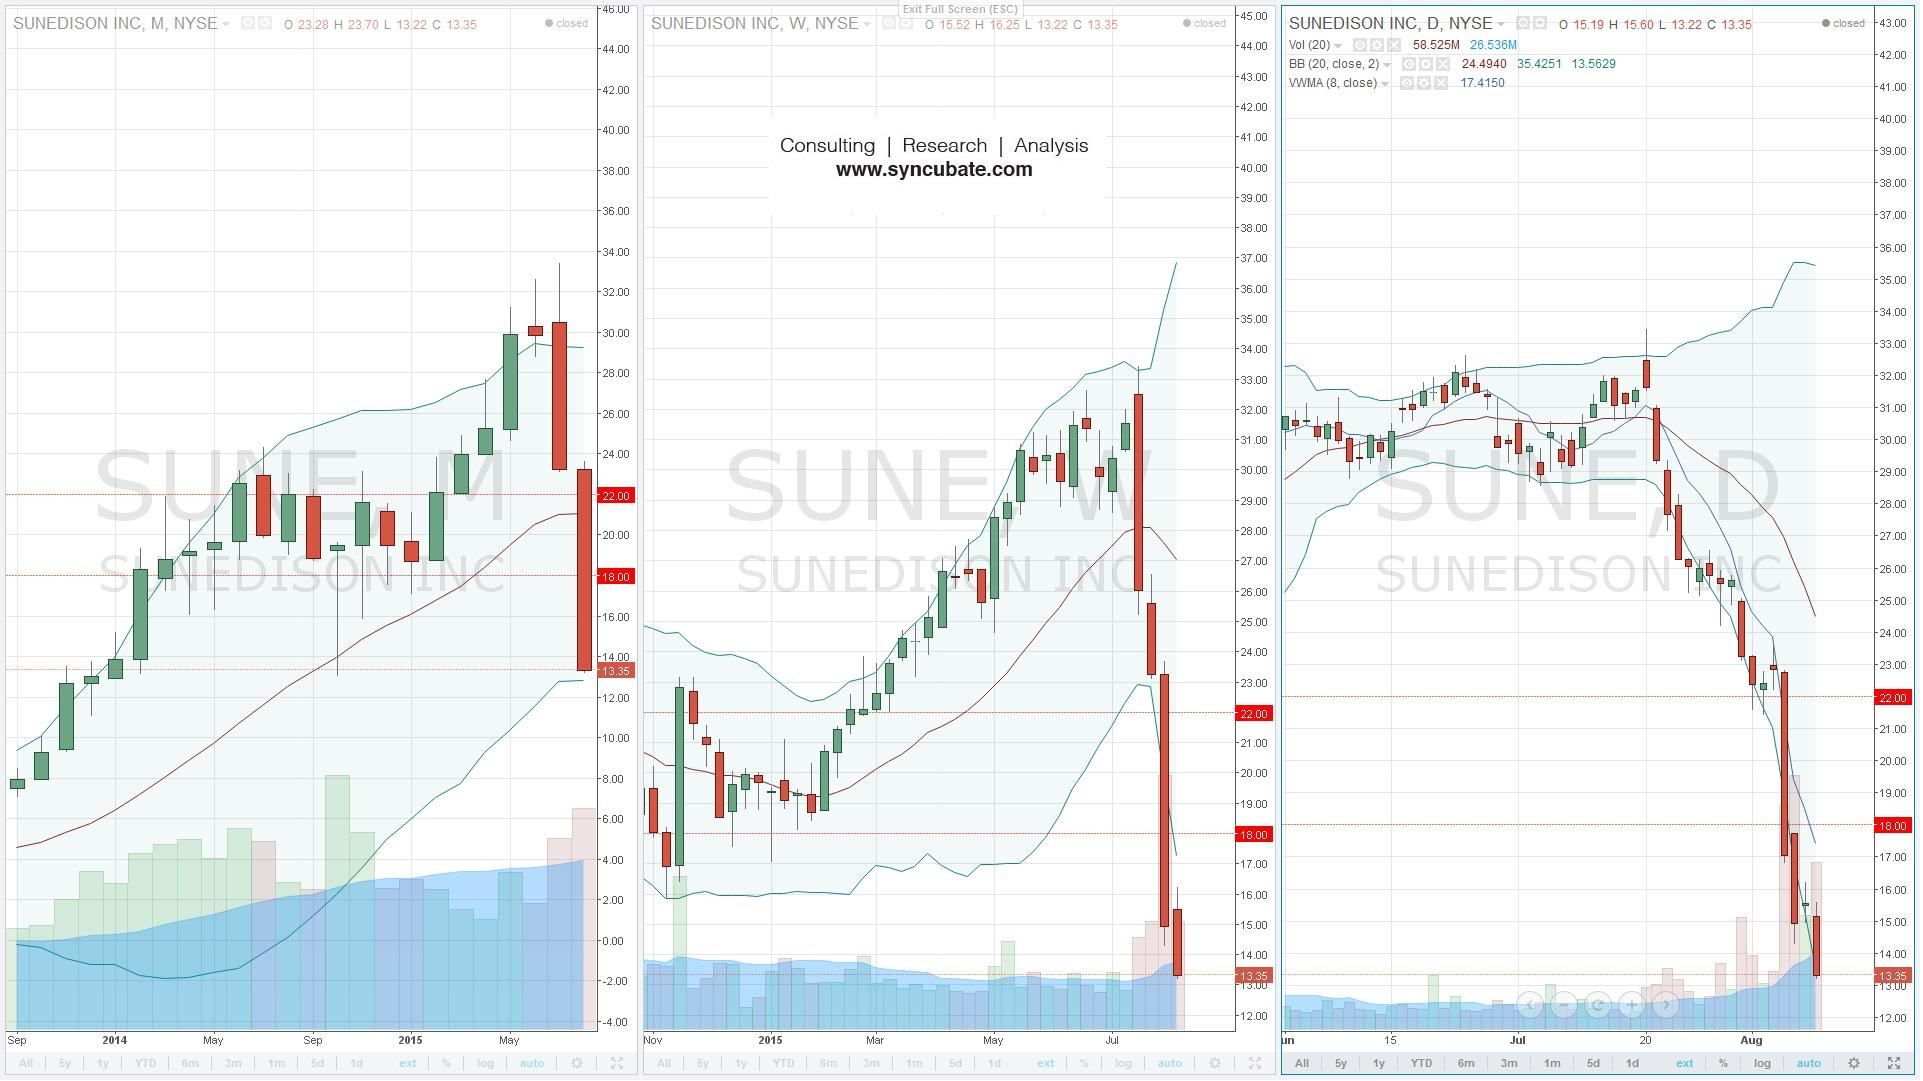 $SUNE : Sunedison Inc.